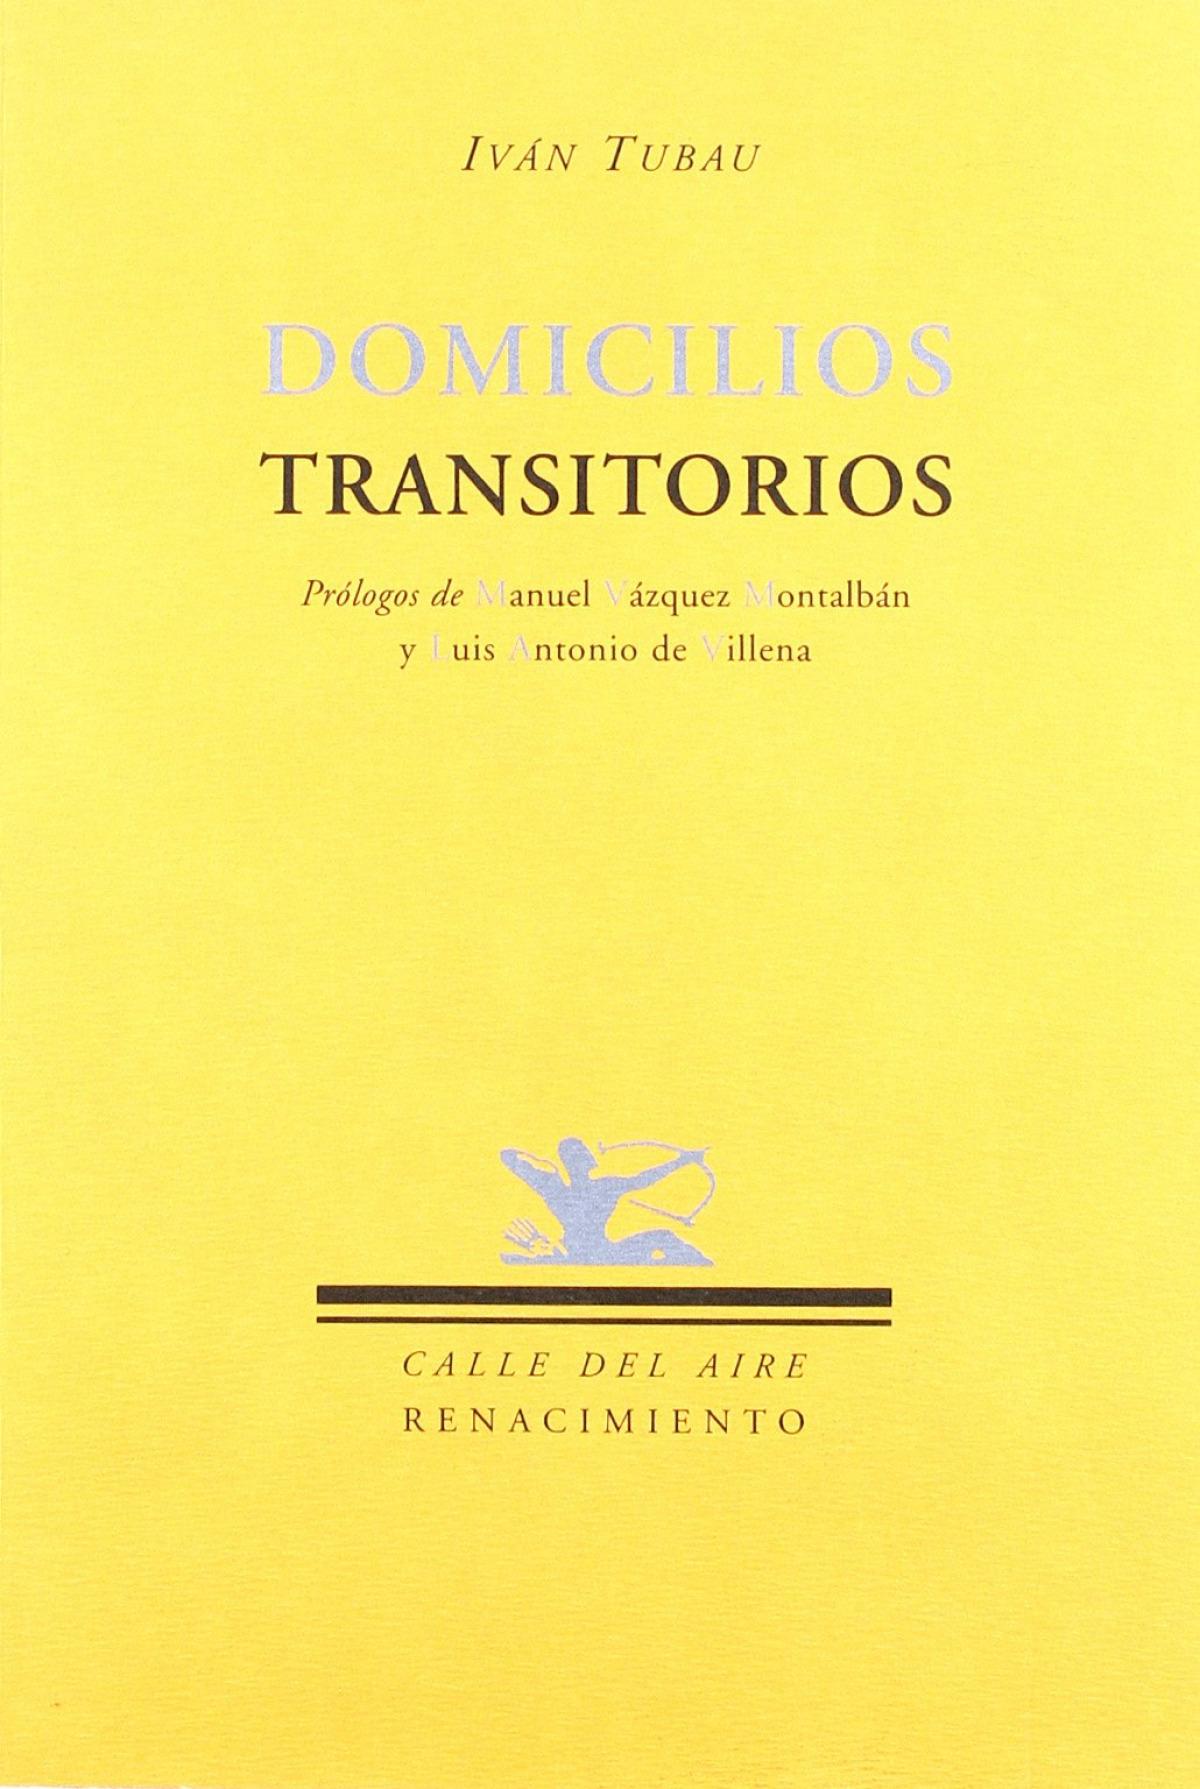 Domicilios transitorios - Tubau, Ivan